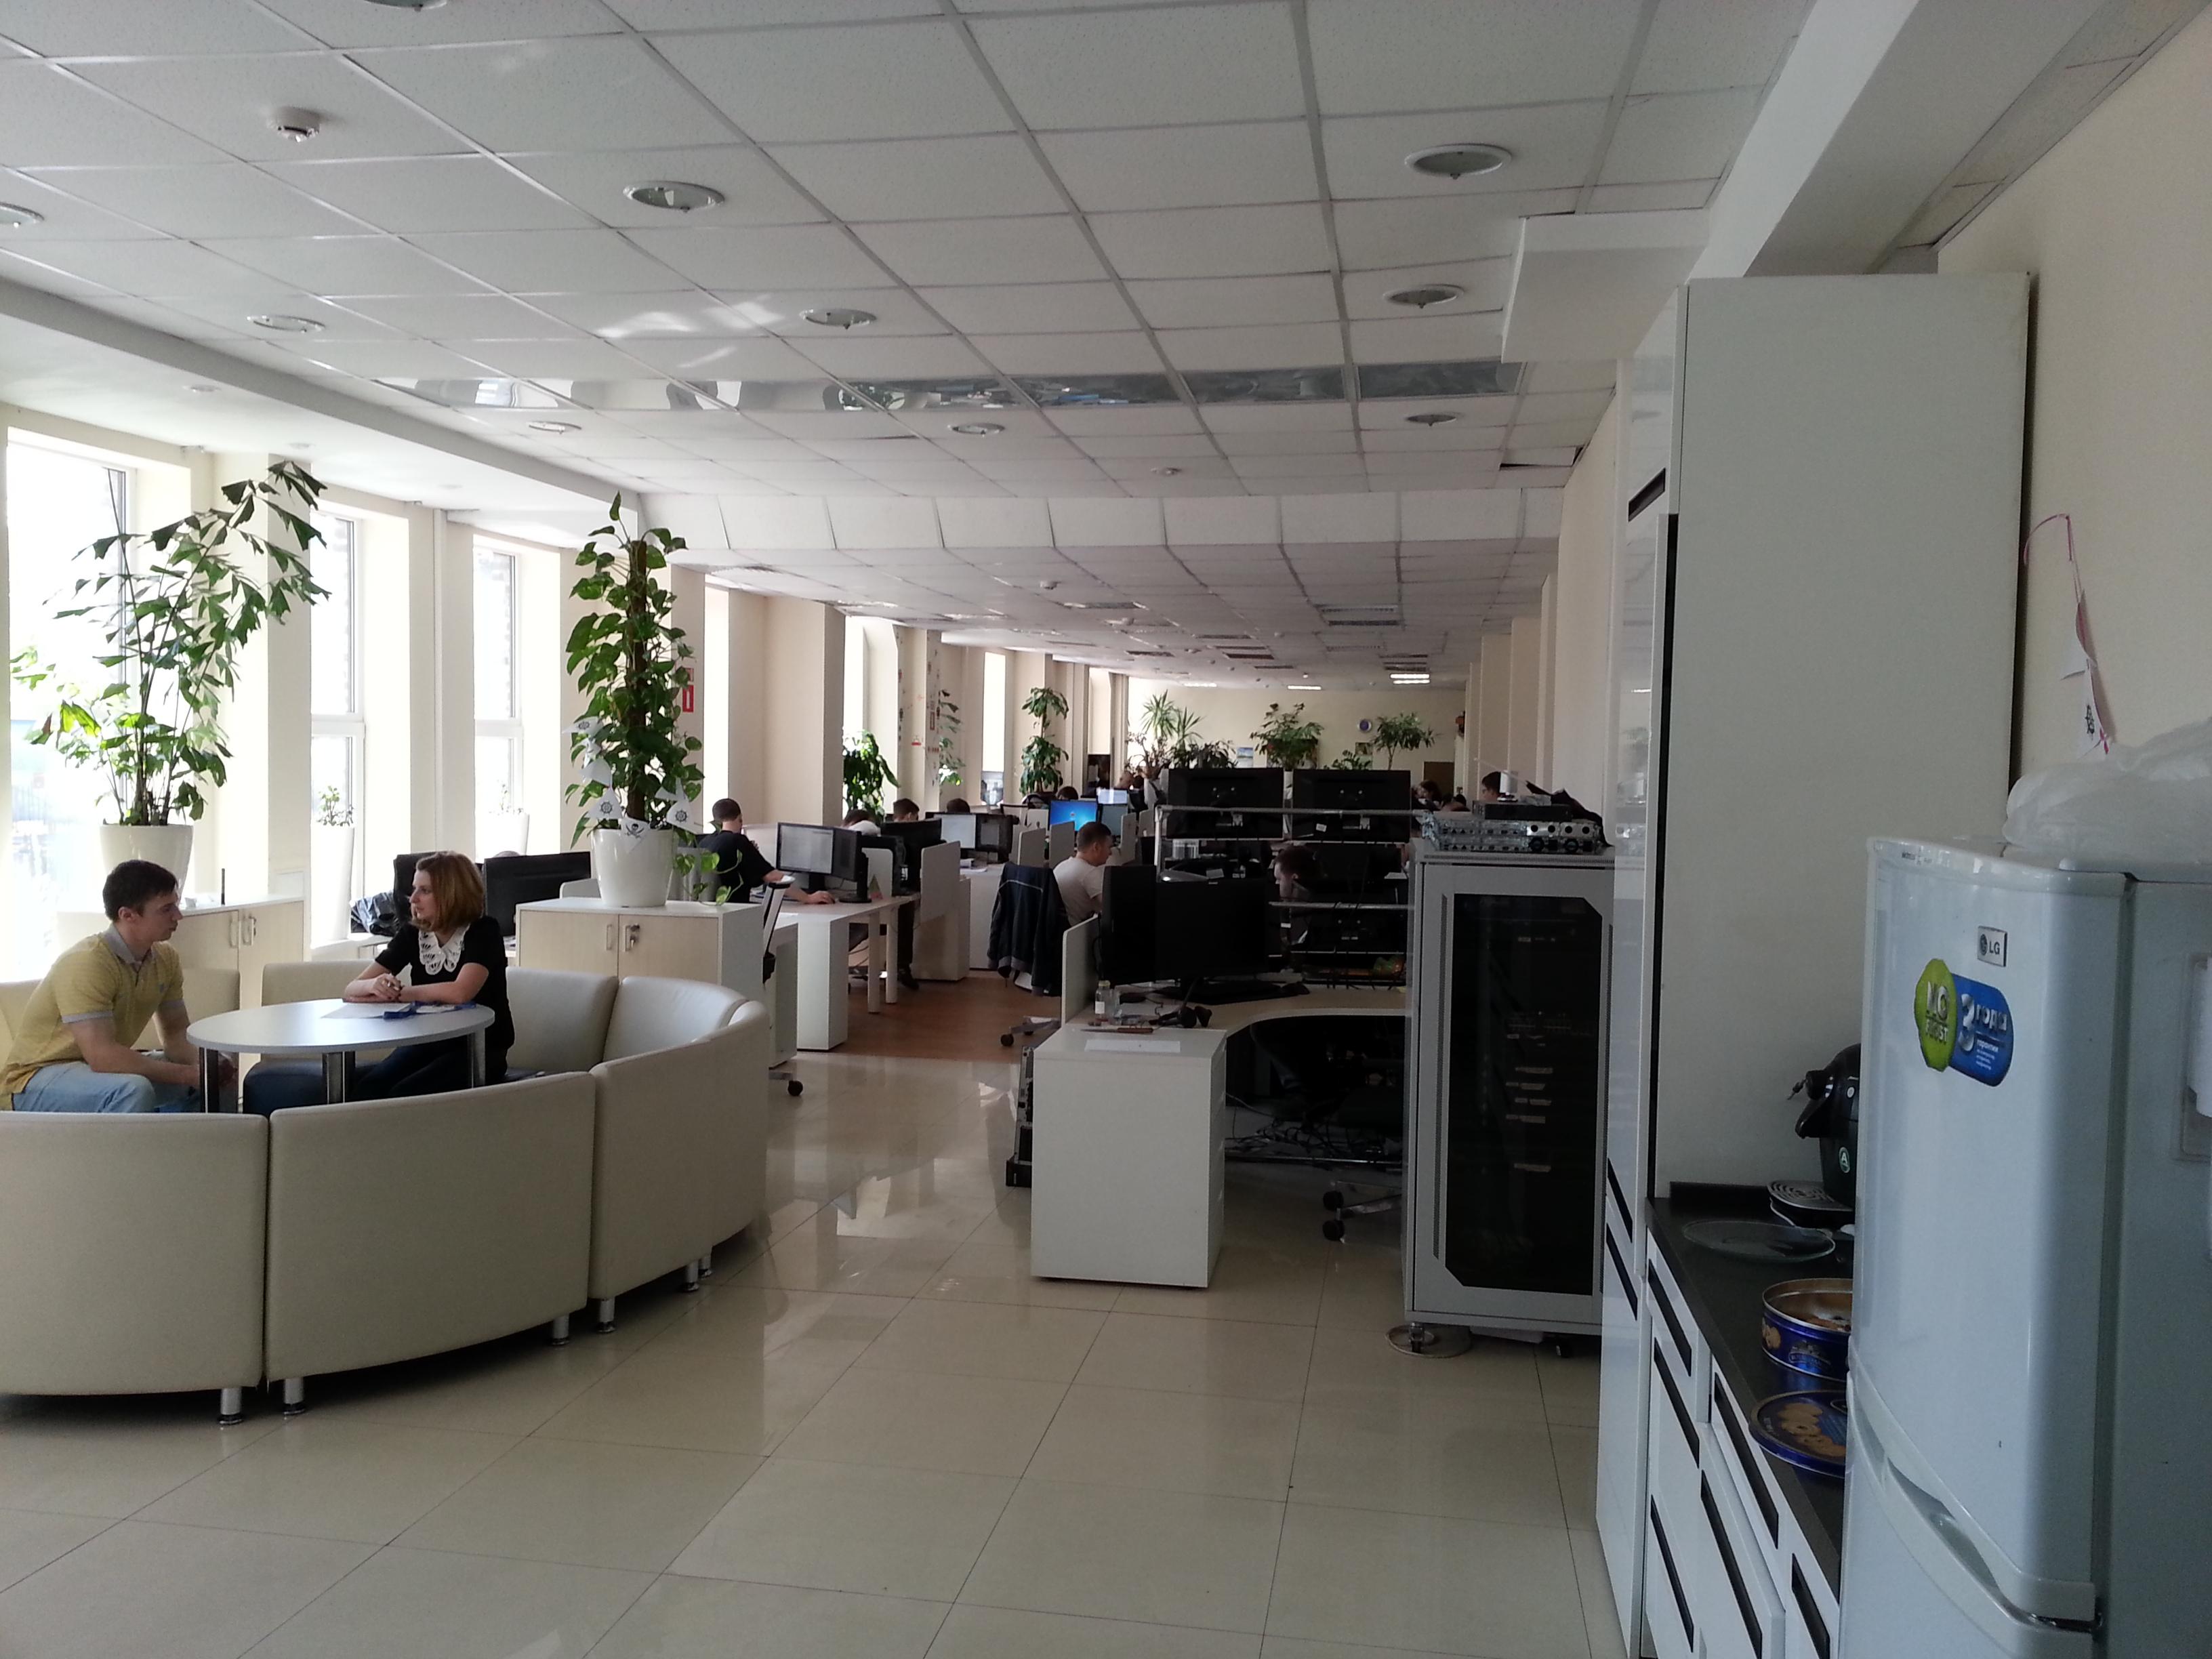 Аренда офиса lotte аренда офиса в батайске на сландо